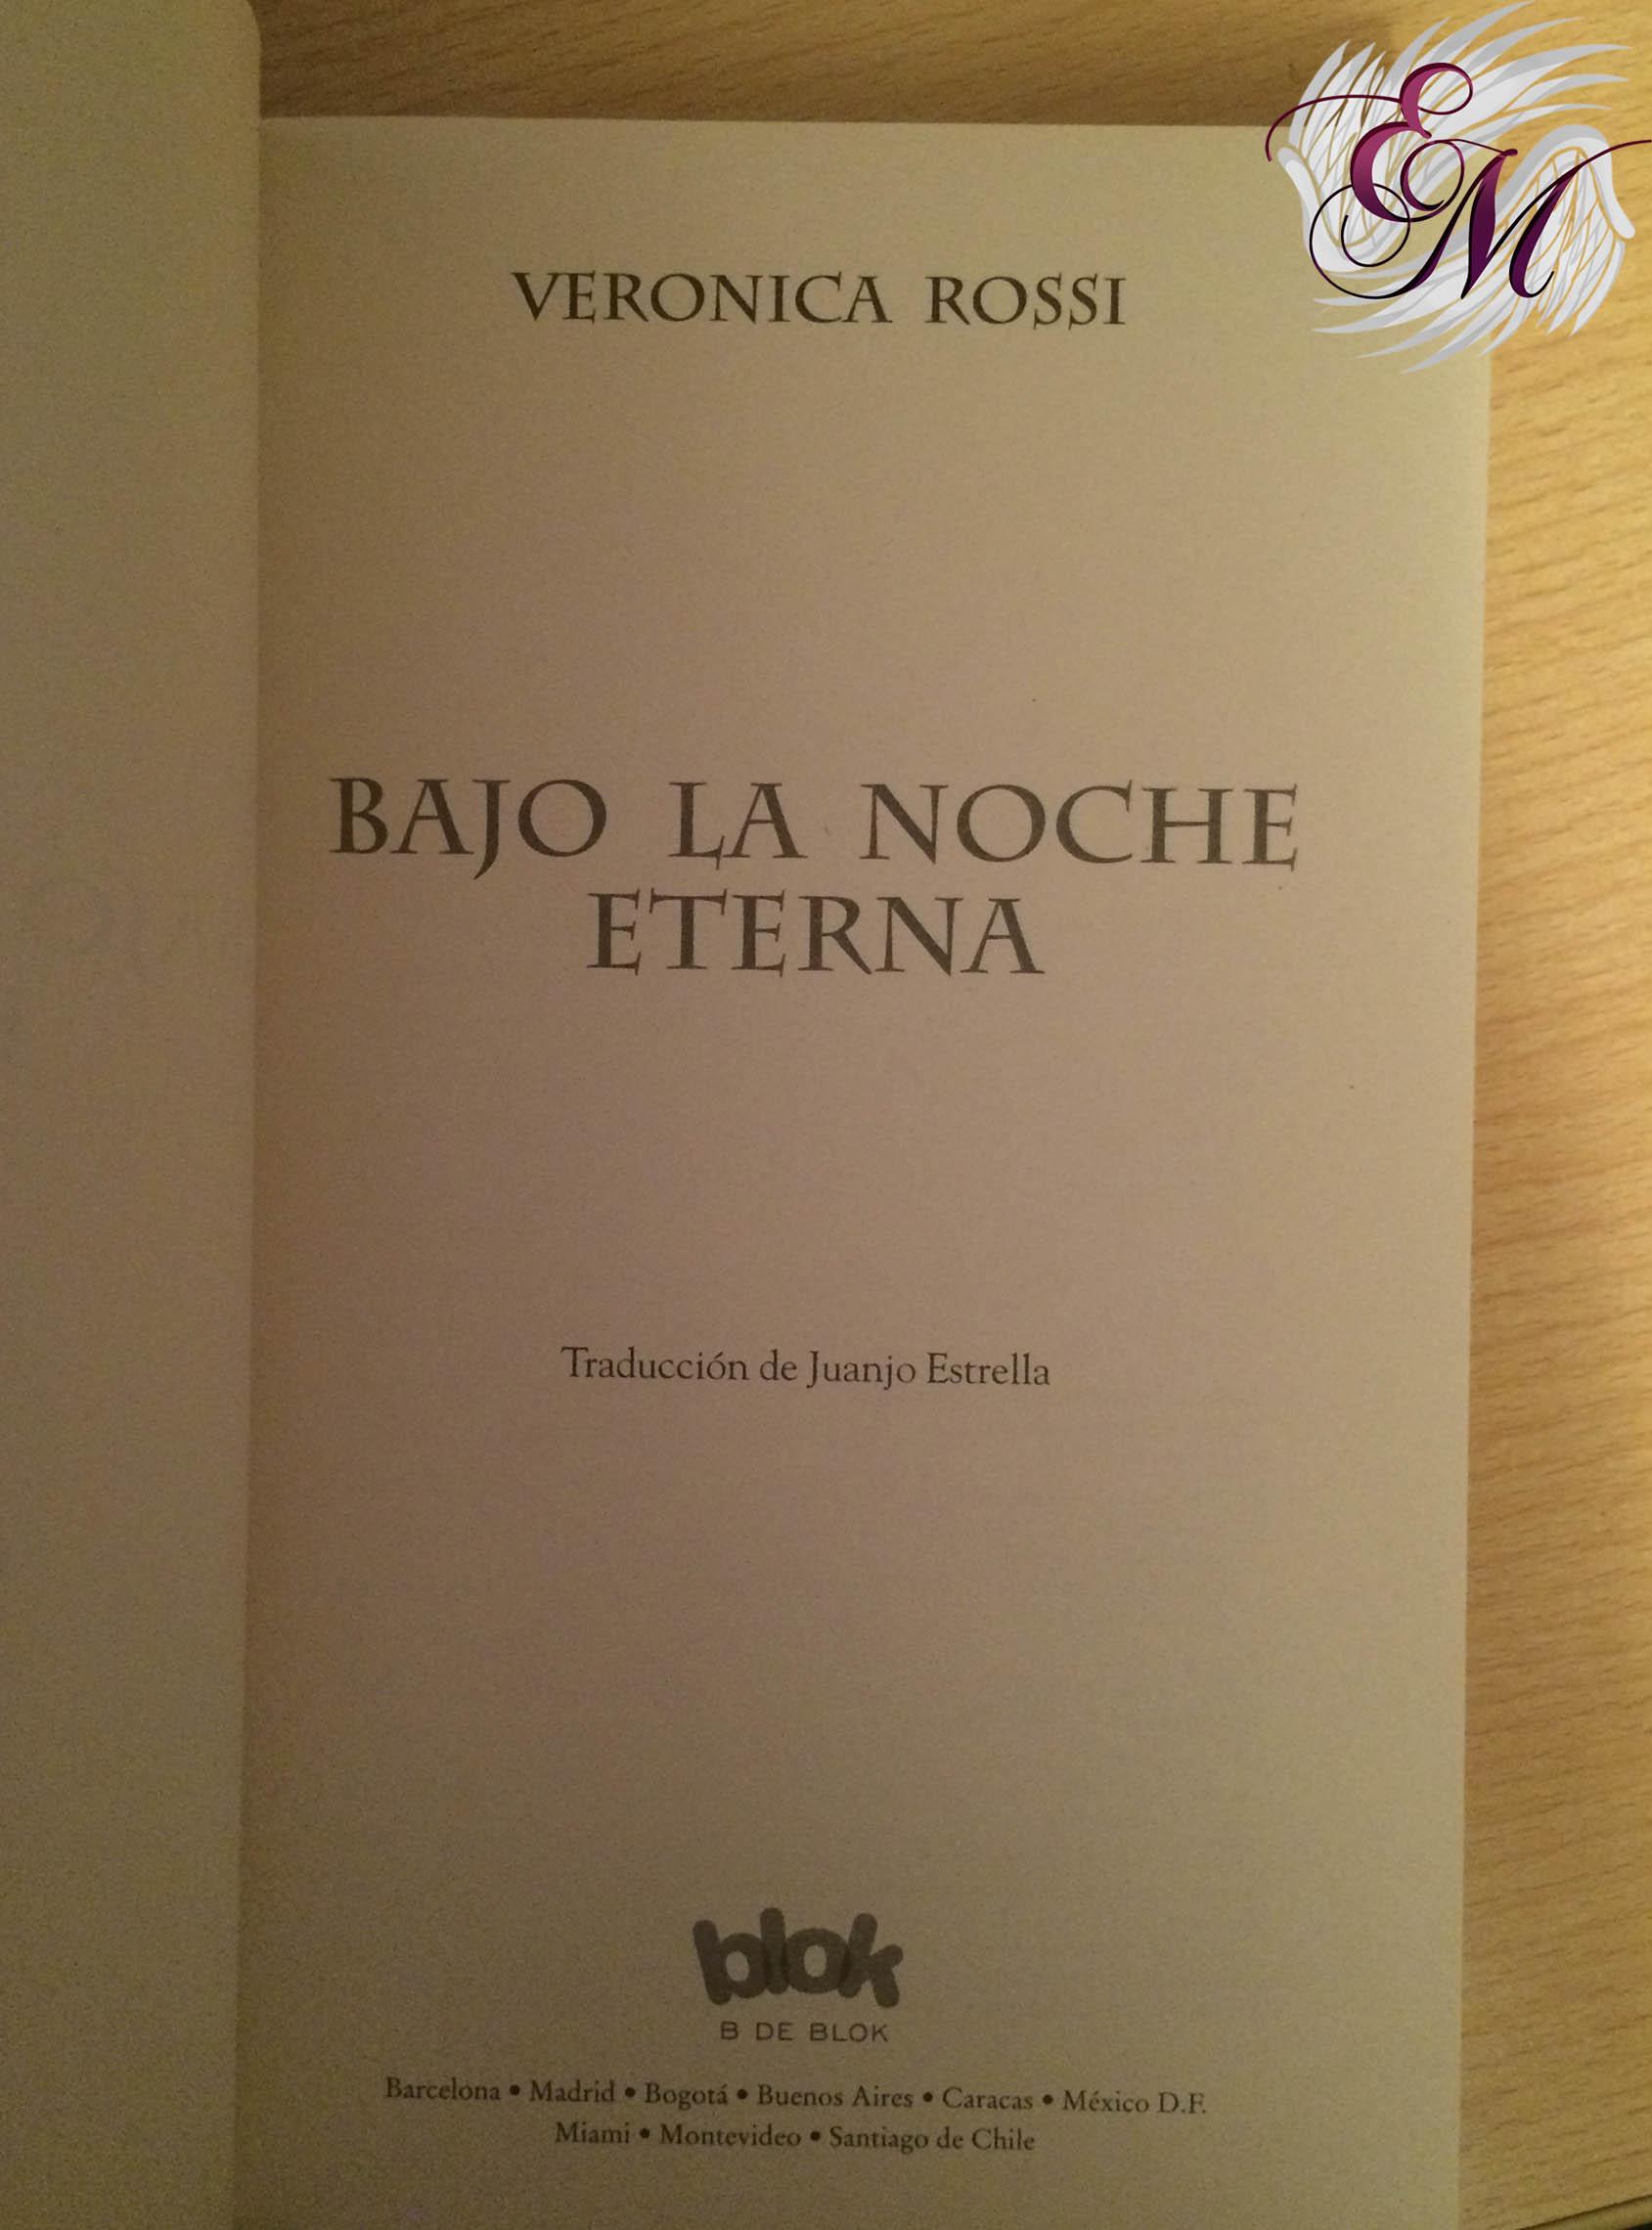 Hacia el azul perpetuo, Veronica Rossi - Reseña